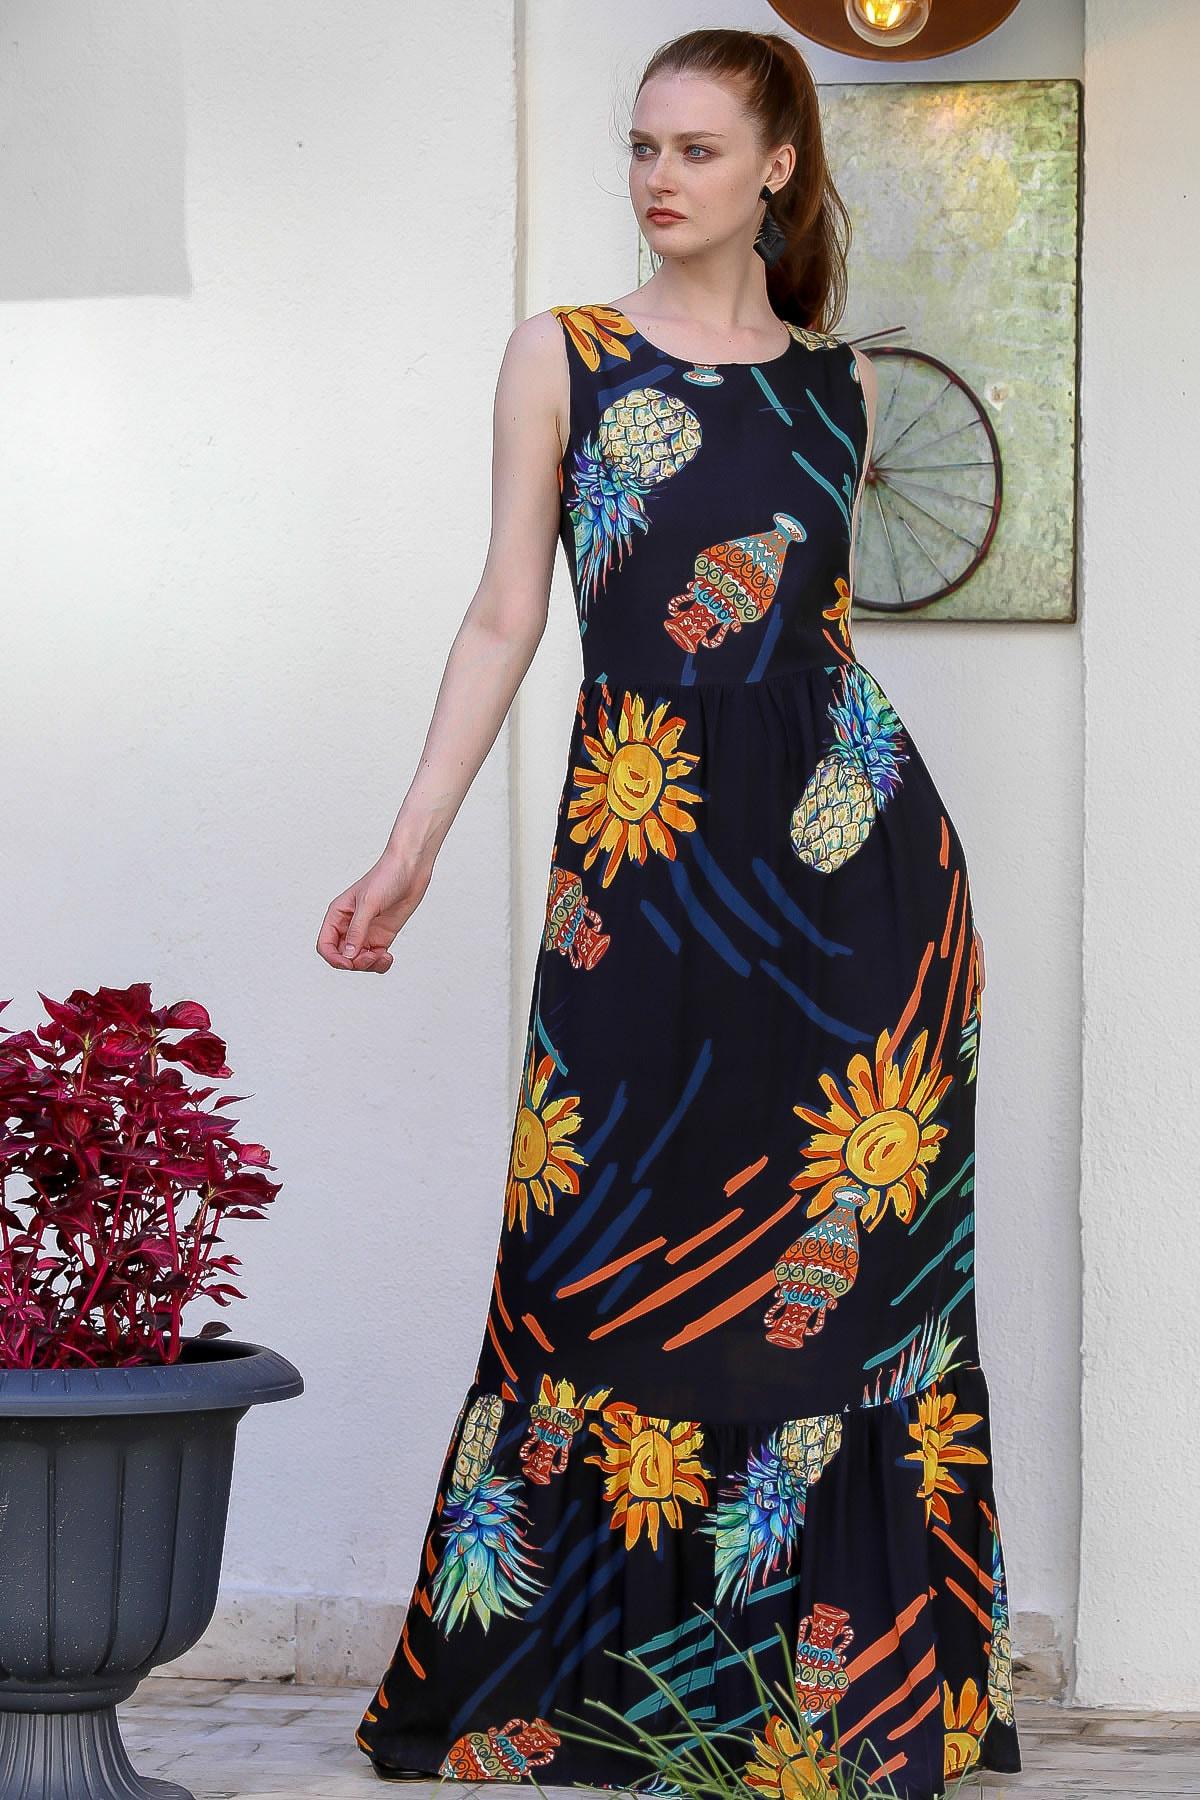 Chiccy Kadın Siyah Sıfır Yaka Ananas Desenli Astarlı Fermuarlı Dokuma Uzun Elbise M10160000El94772 0